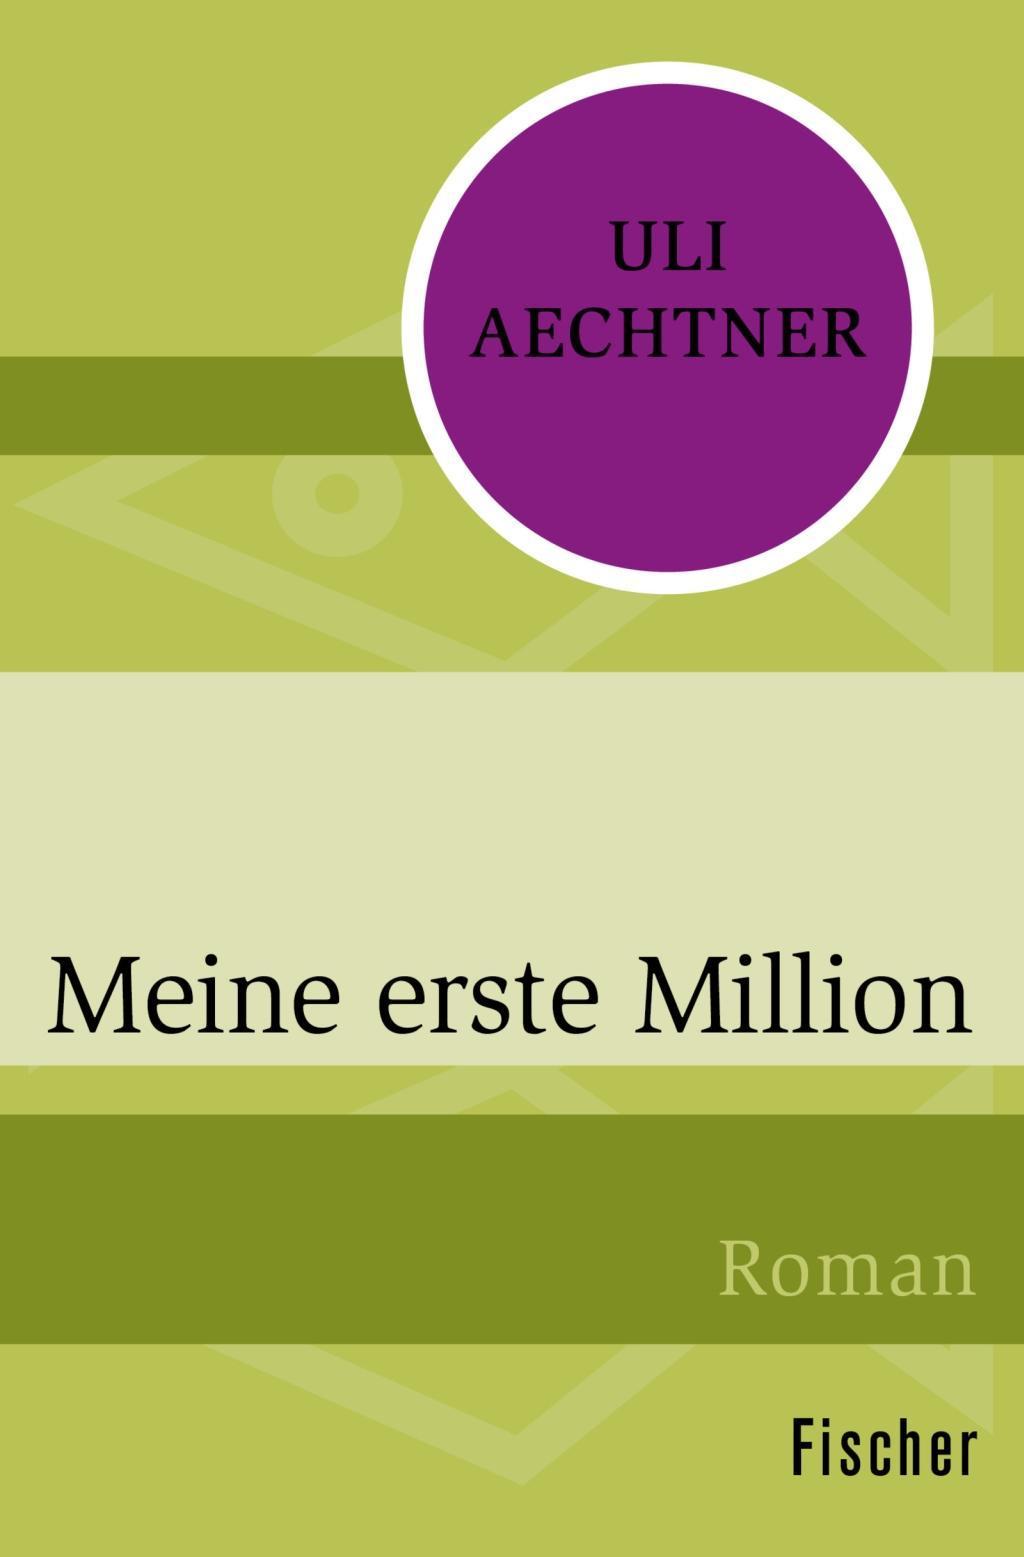 Meine erste Million Uli Aechtner